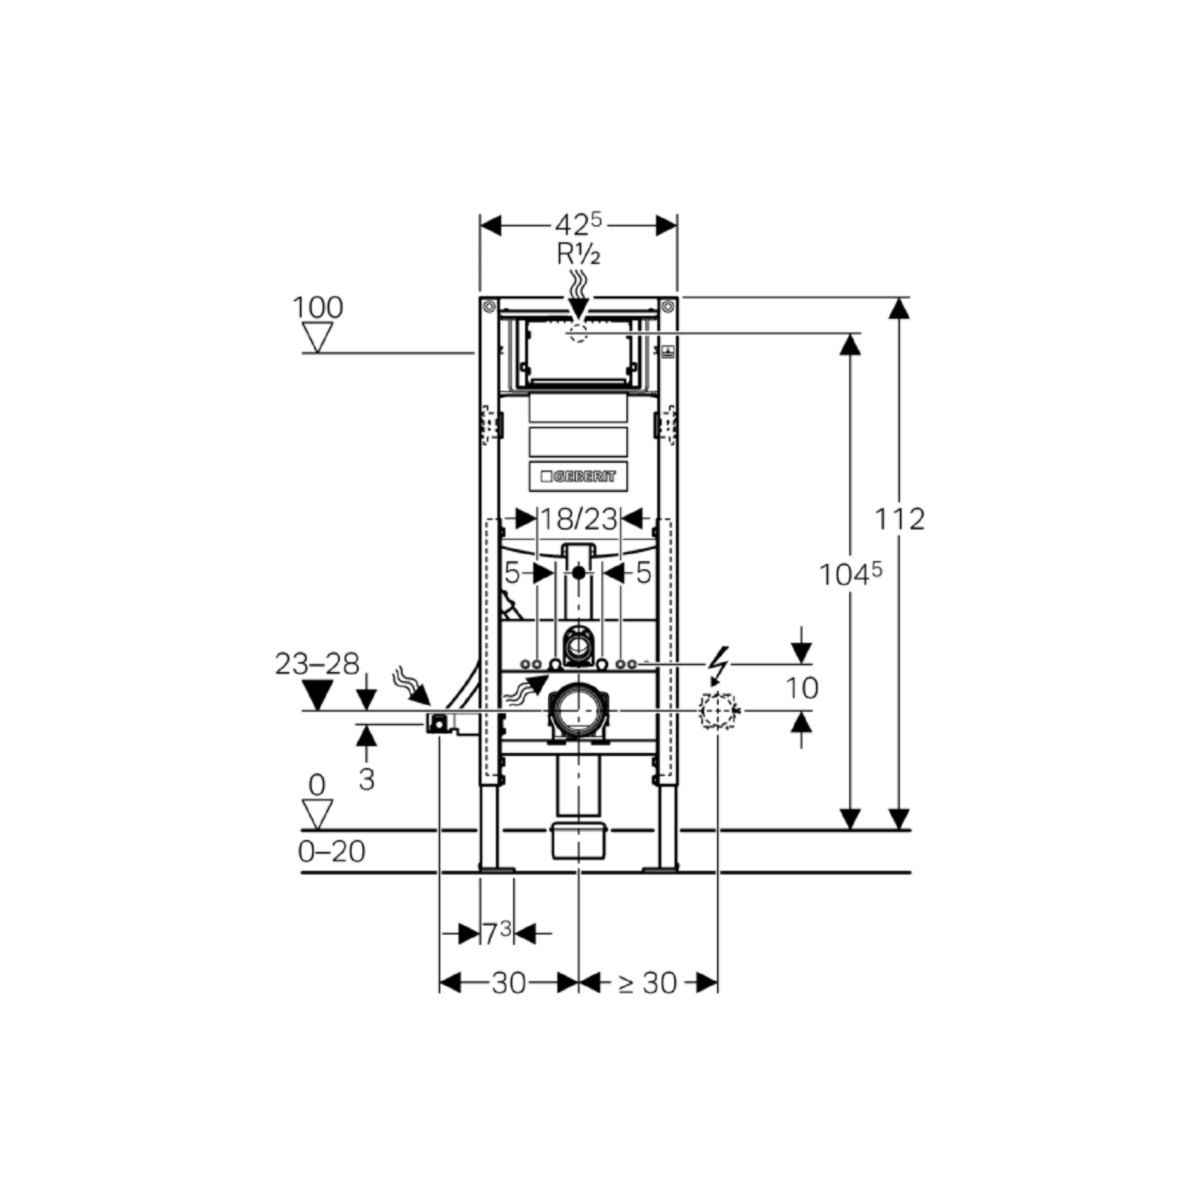 Largeur Wc Suspendu Geberit bâti-support duofix up320 largeur réduite 42,5 cm réf. 111350005